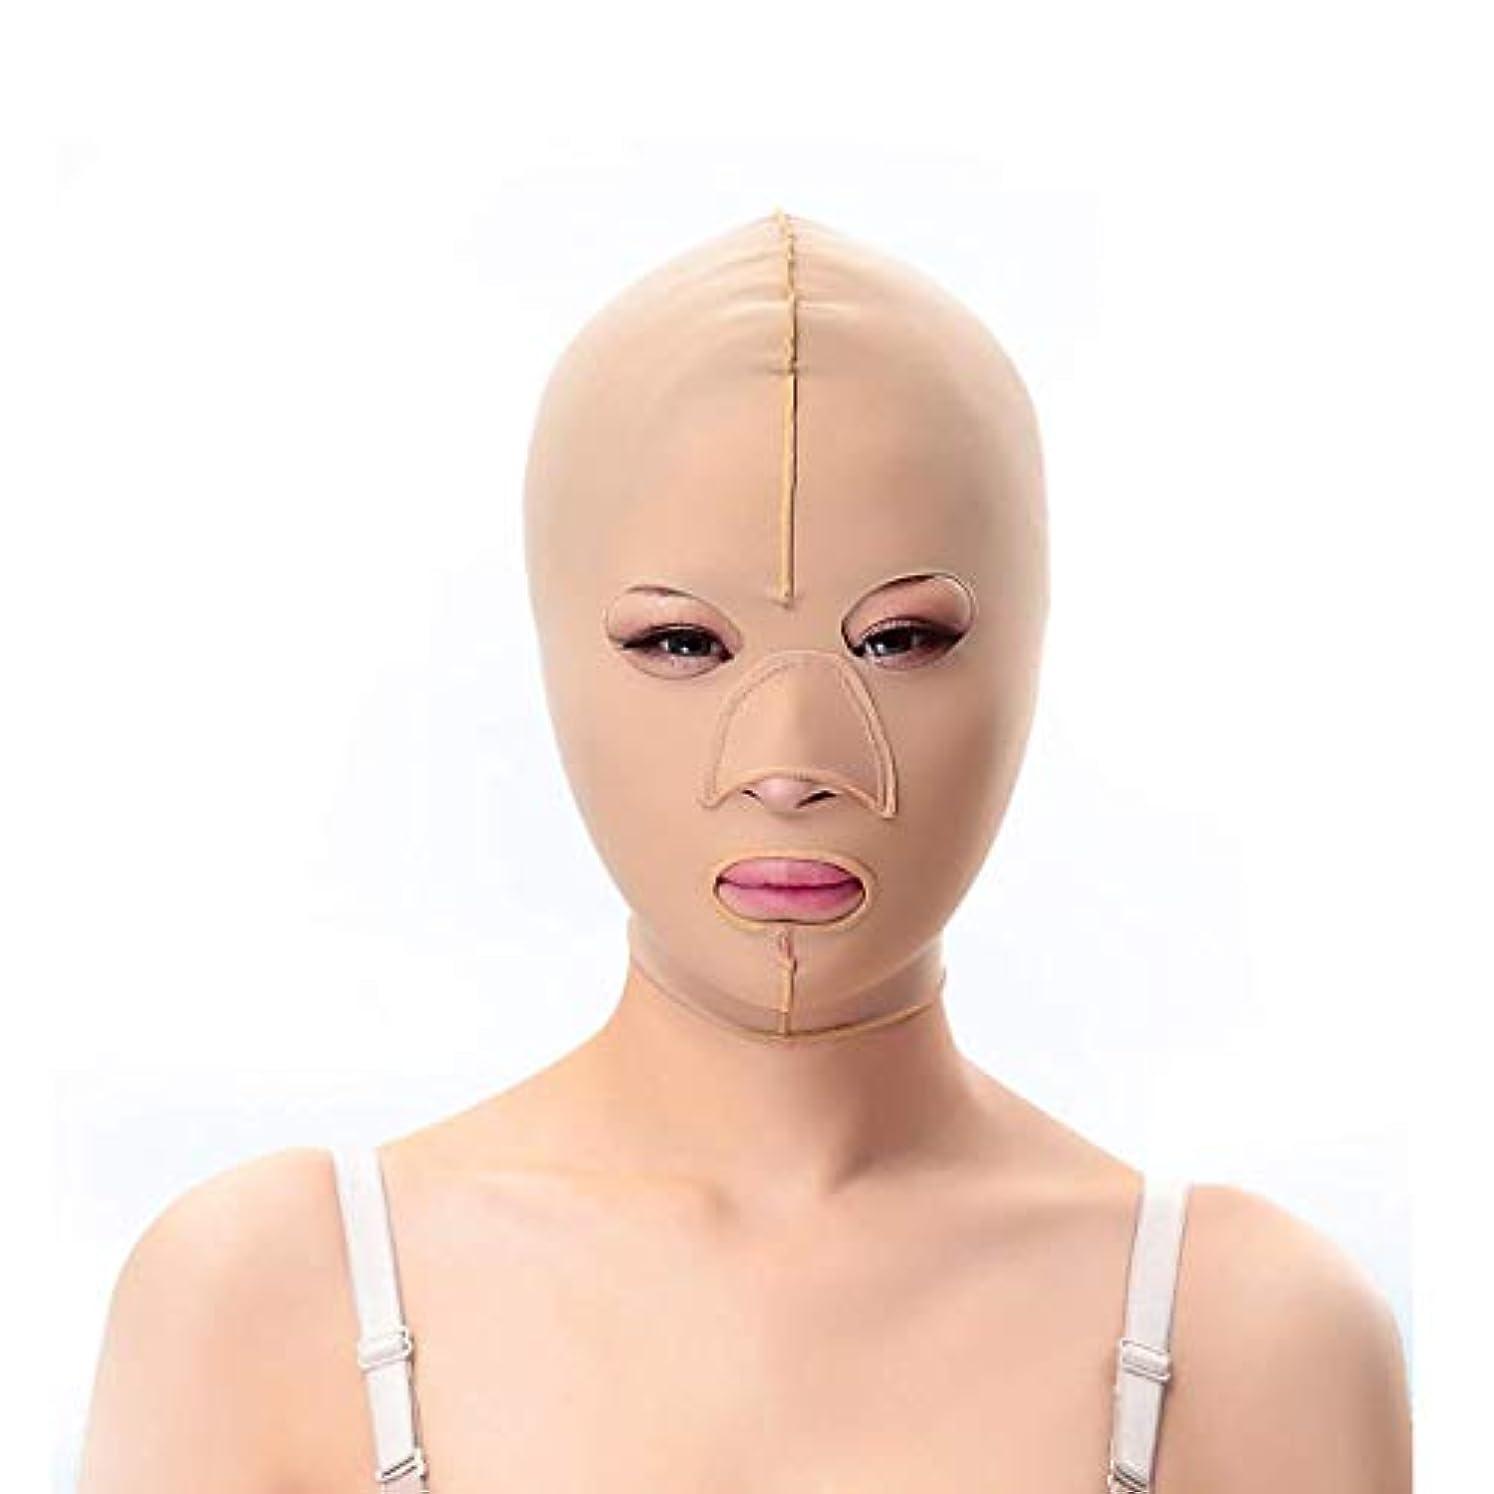 思慮深い出身地それスリミングベルト、二重あごの引き締め顔のプラスチックフェイスアーティファクト強力なフェイス包帯を脇に持ち上げるパターンを欺くためのフェイシャルマスクシンフェイスマスク(サイズ:L),XXL